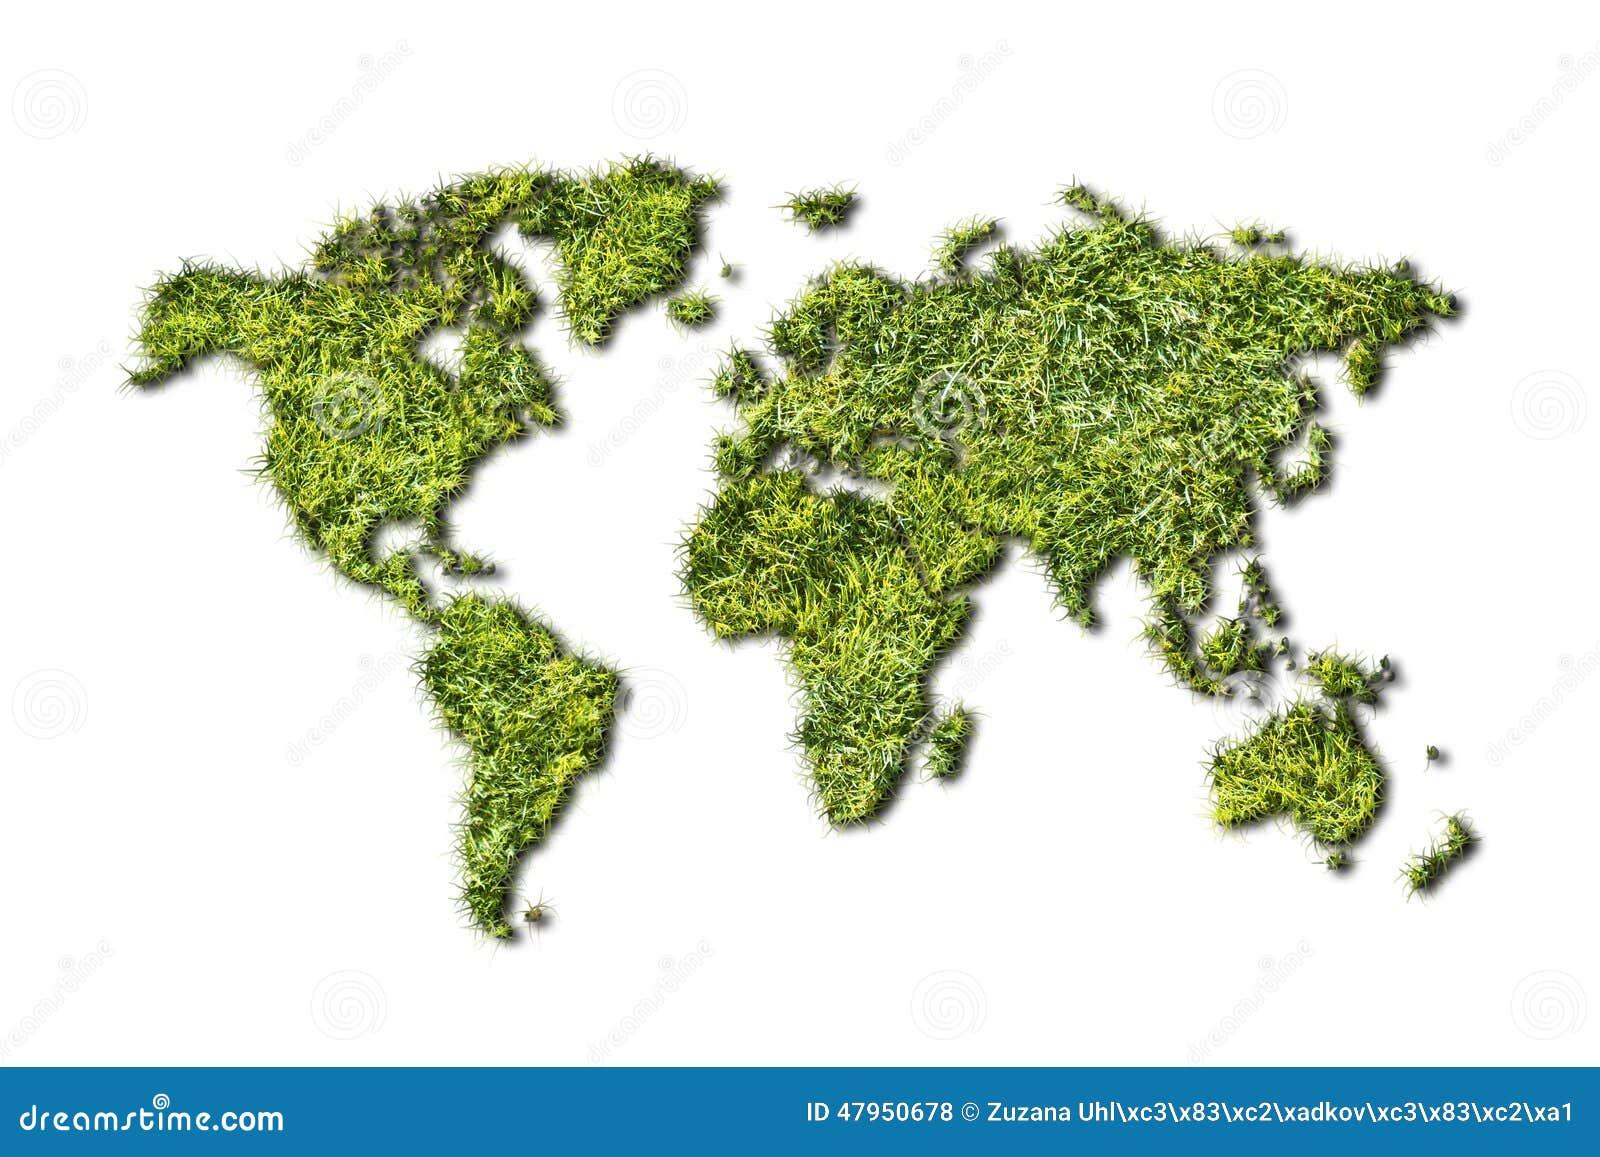 生态从草的世界地图在白色背景